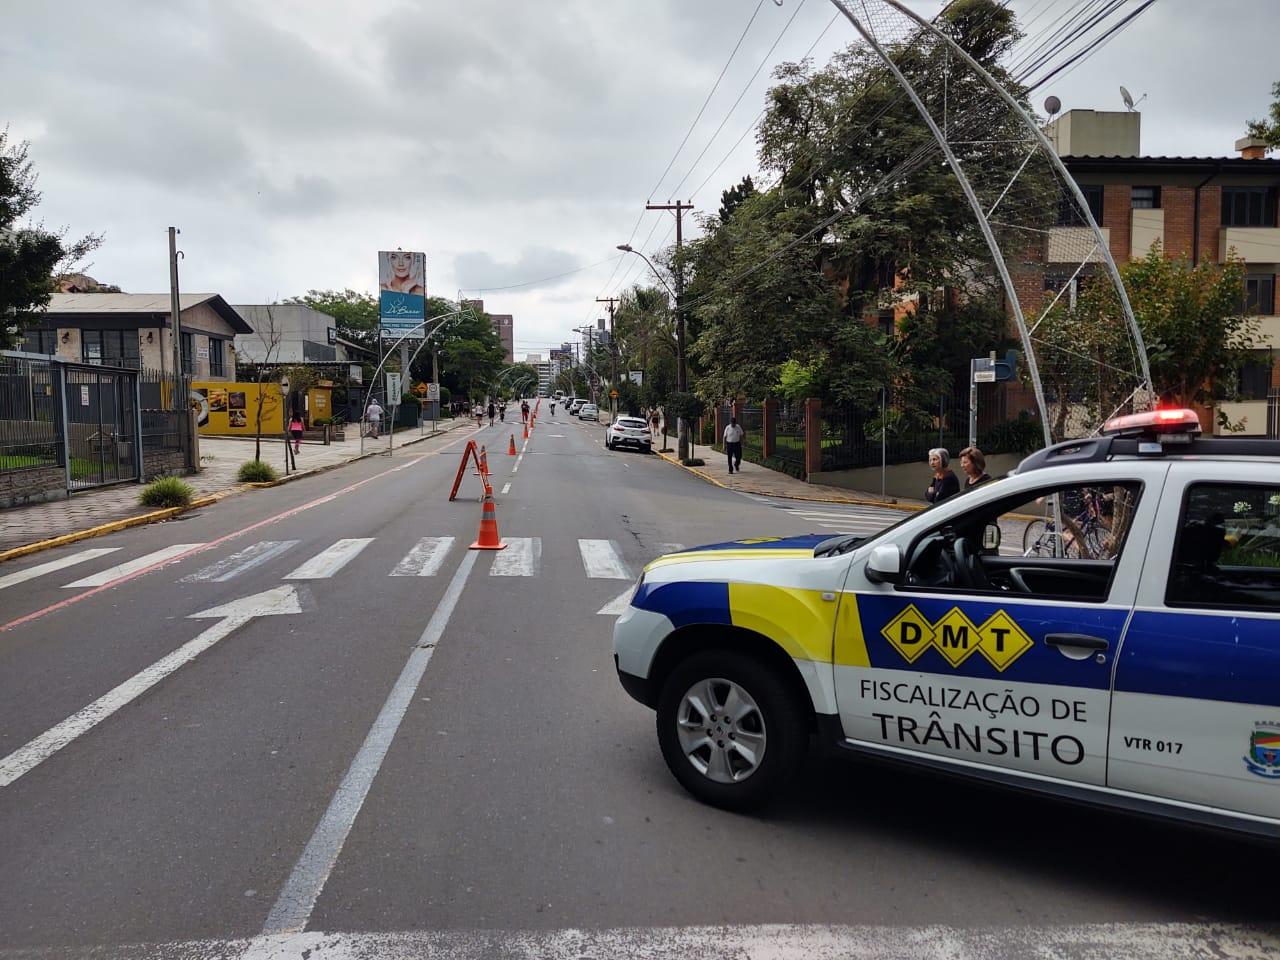 Trânsito é bloqueado com as Ruas de Lazer na região do bairro Planalto em Bento